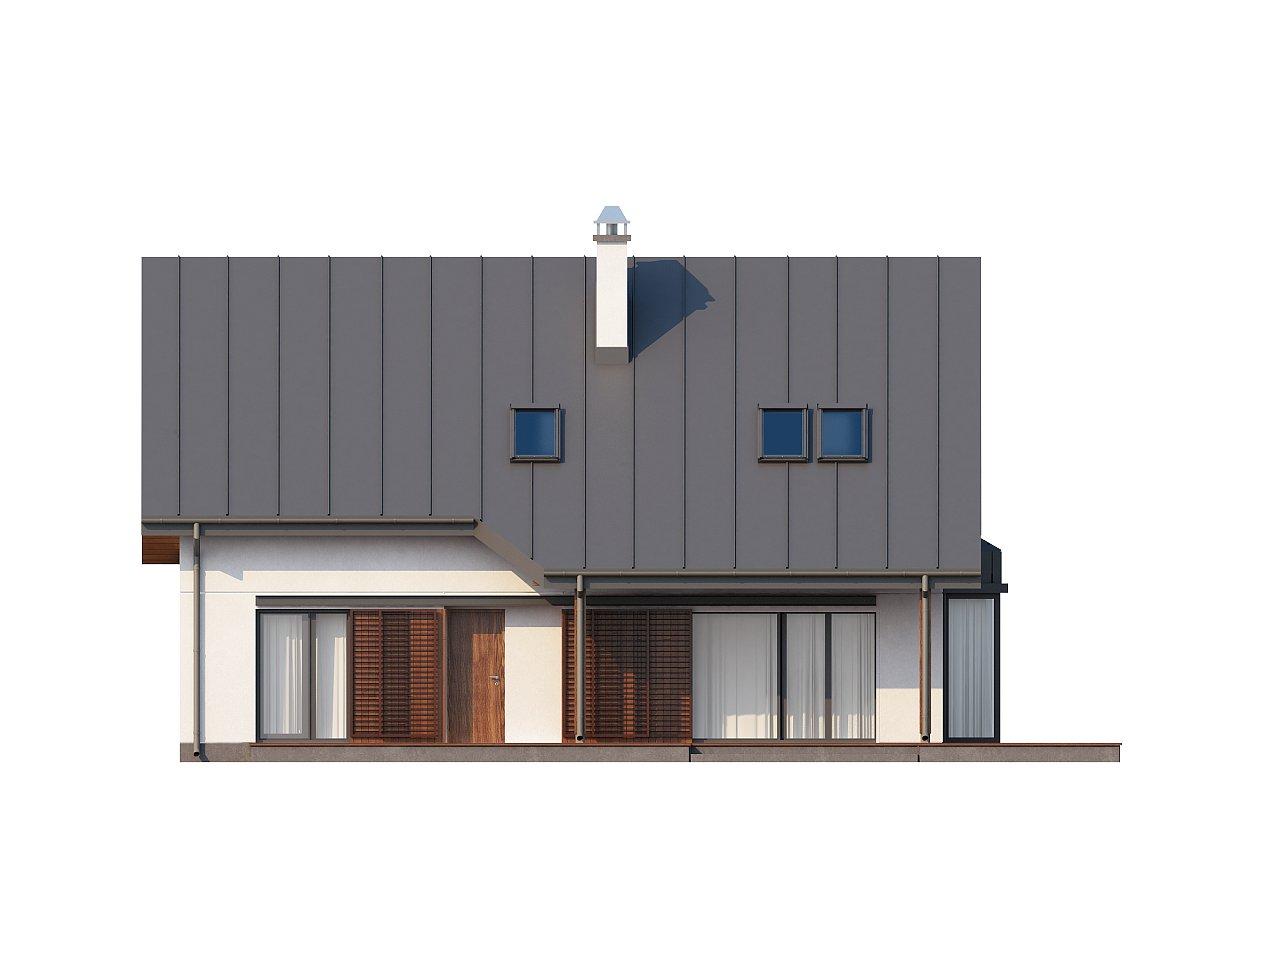 Практичный дом с мансардой, гаражом, кабинетом на первом этаже и стильным эркером. 4